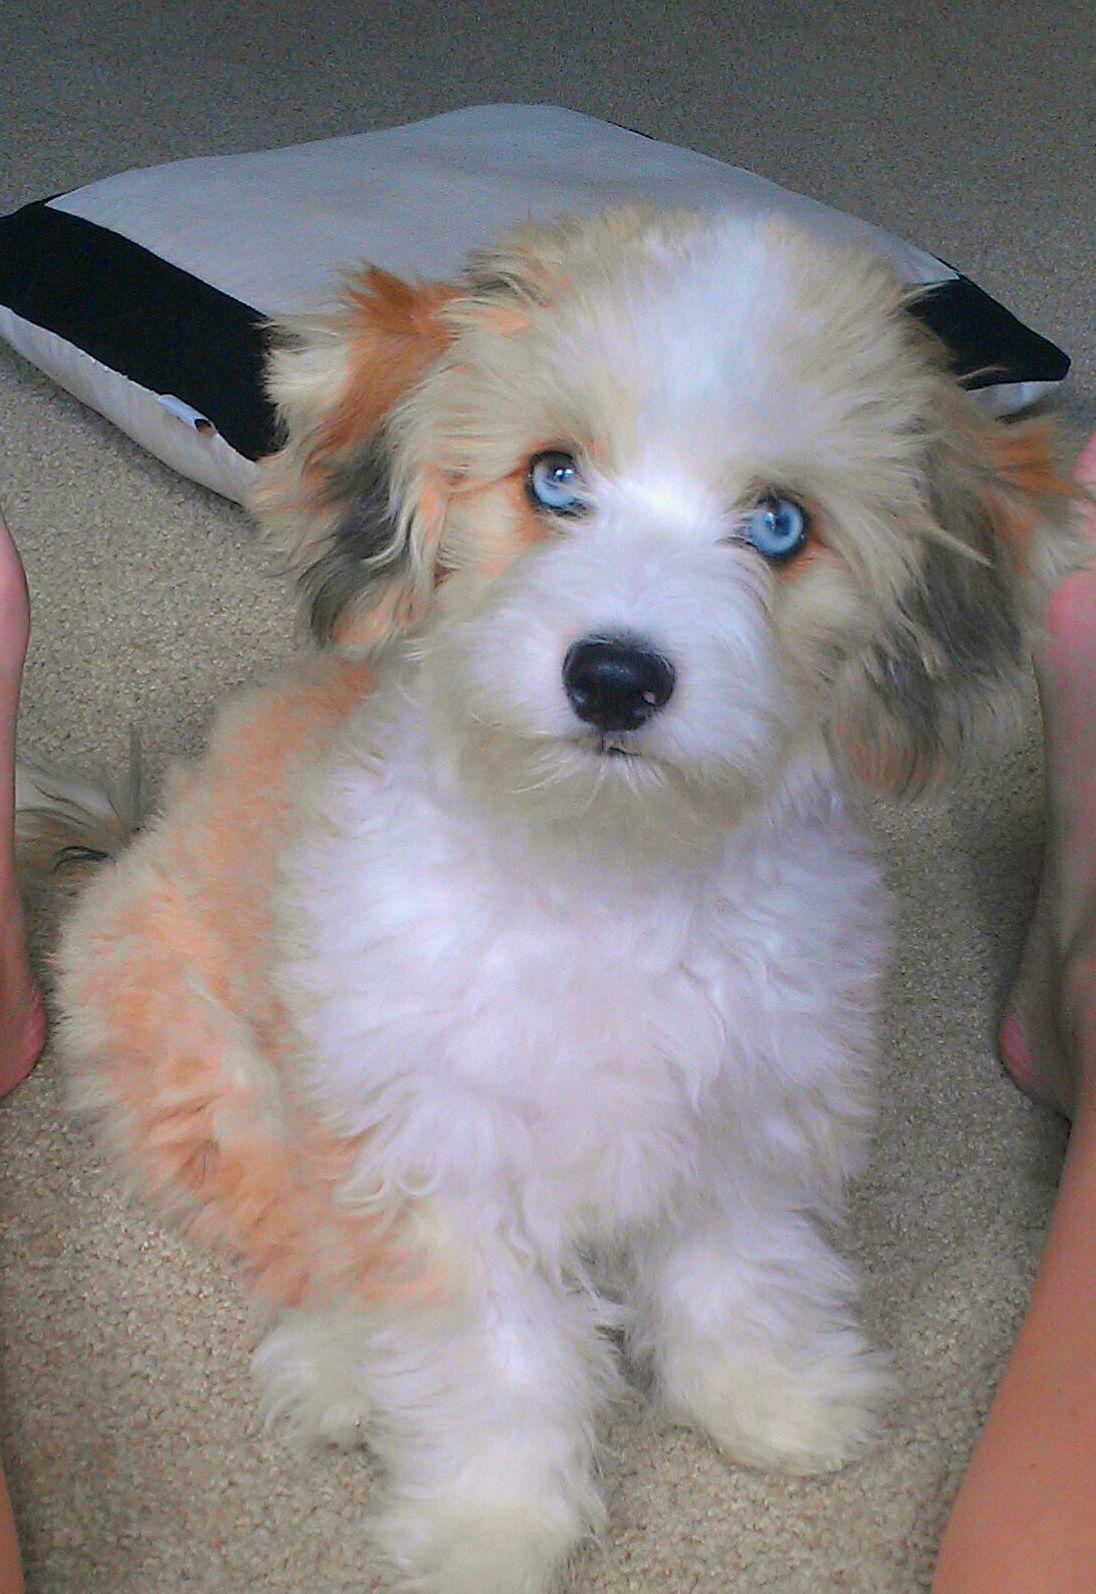 Mini Aussie Bichon Puppy Aussiechon Puppies Pet Care Dogs Dog Movies